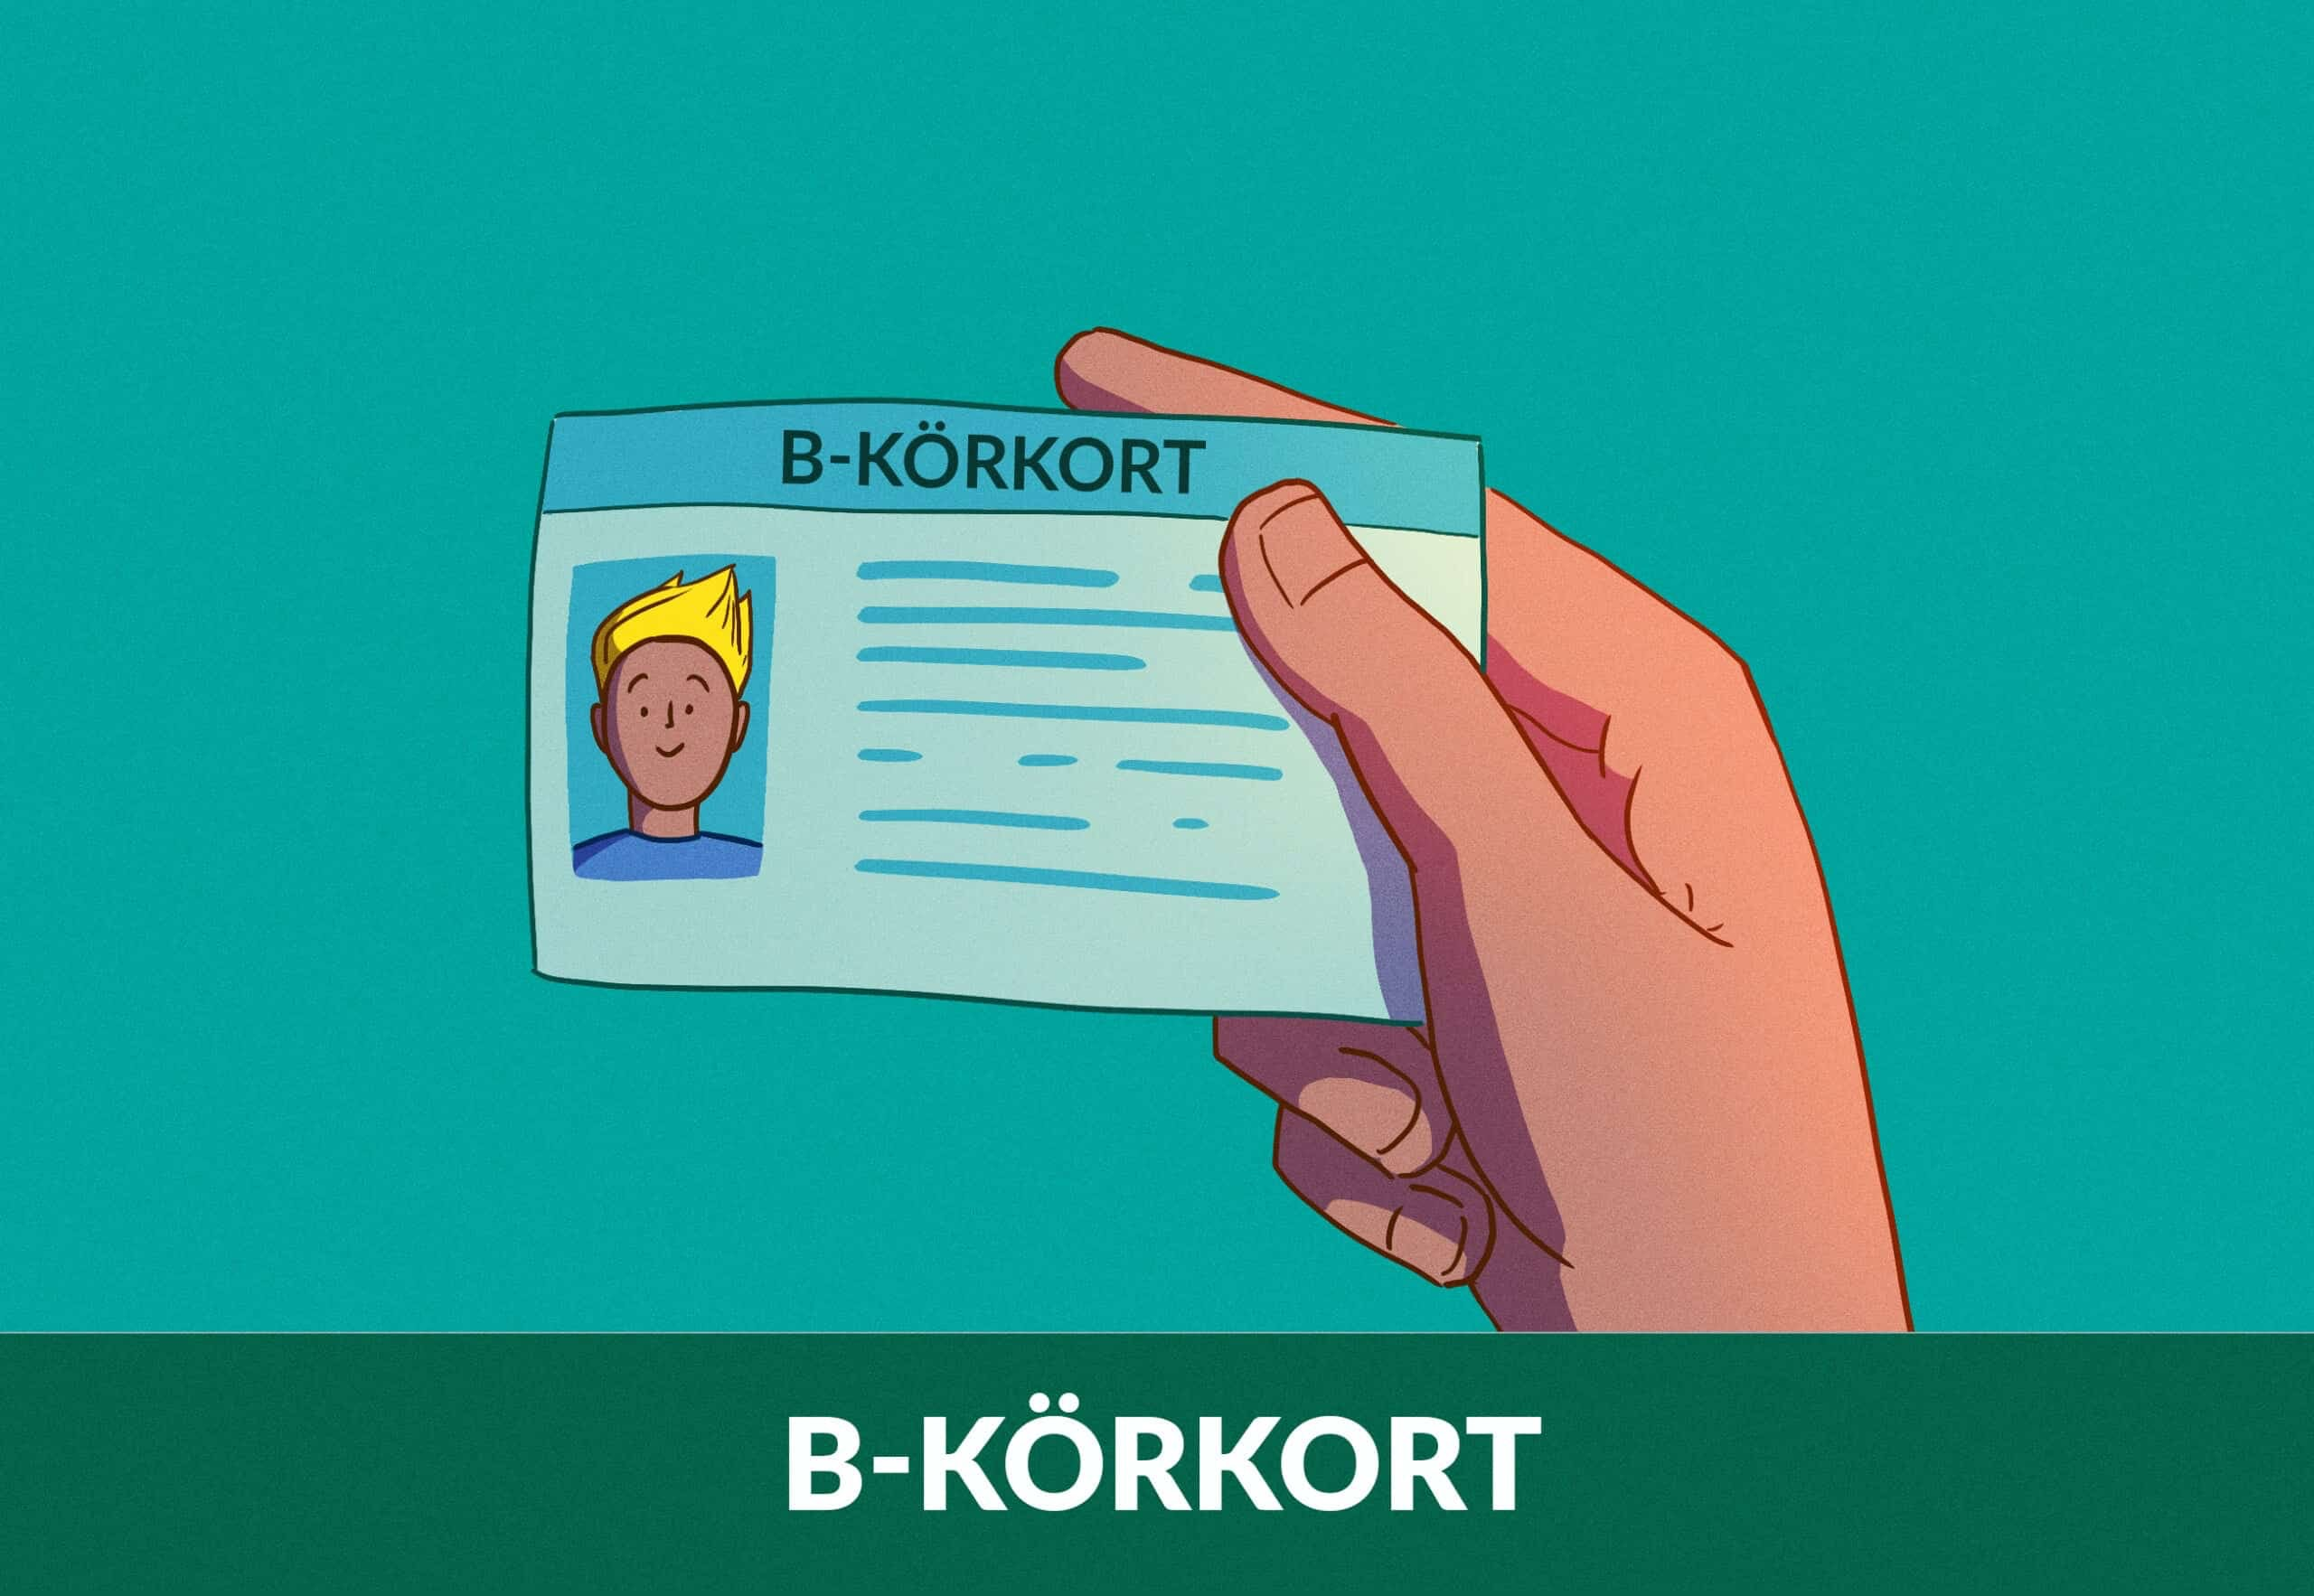 B-körkort